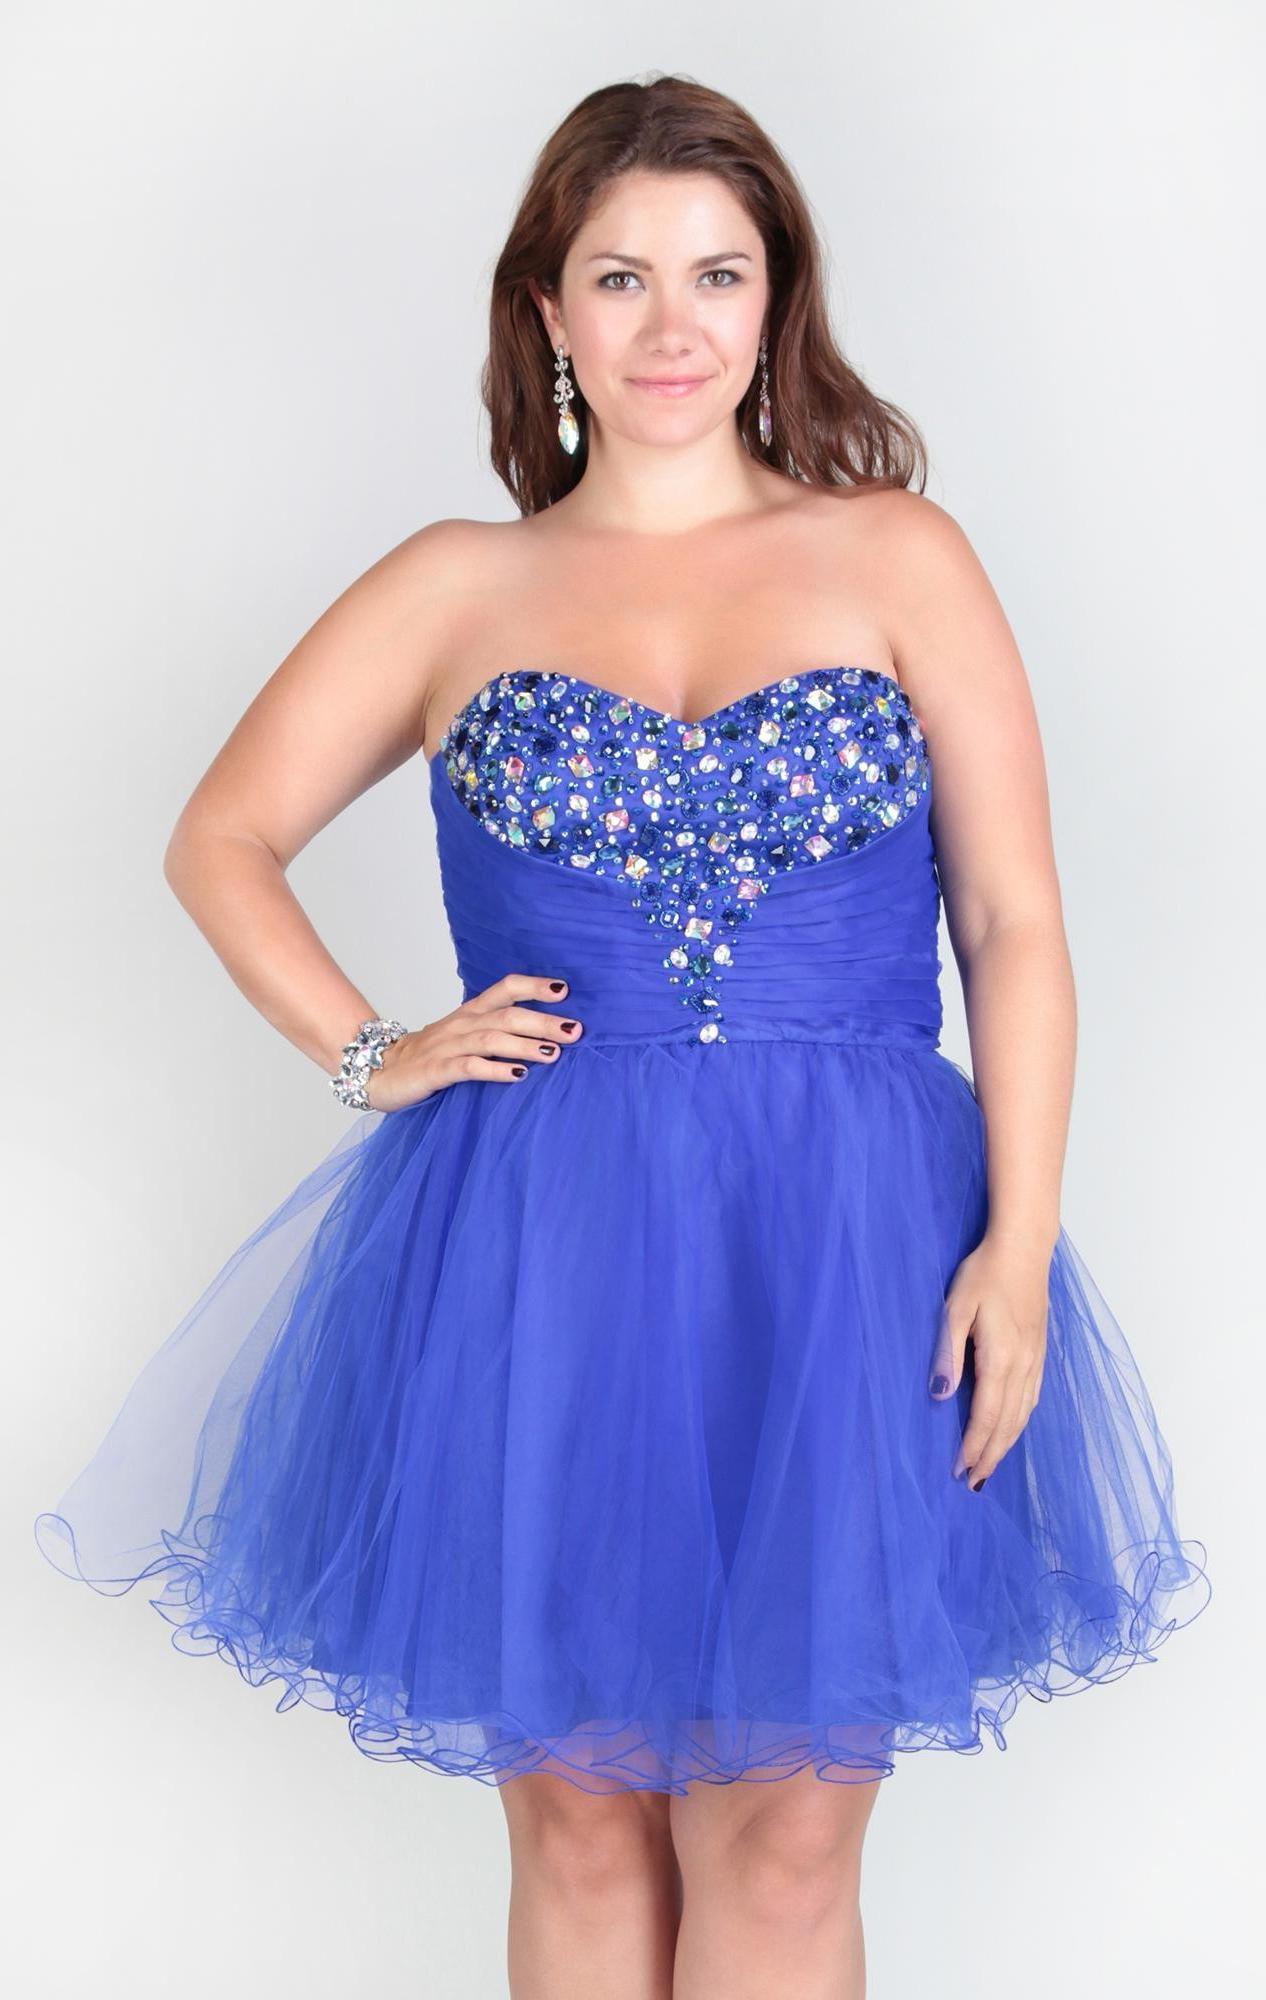 homecoming dresses new orleans la eligent prom dresses. Black Bedroom Furniture Sets. Home Design Ideas